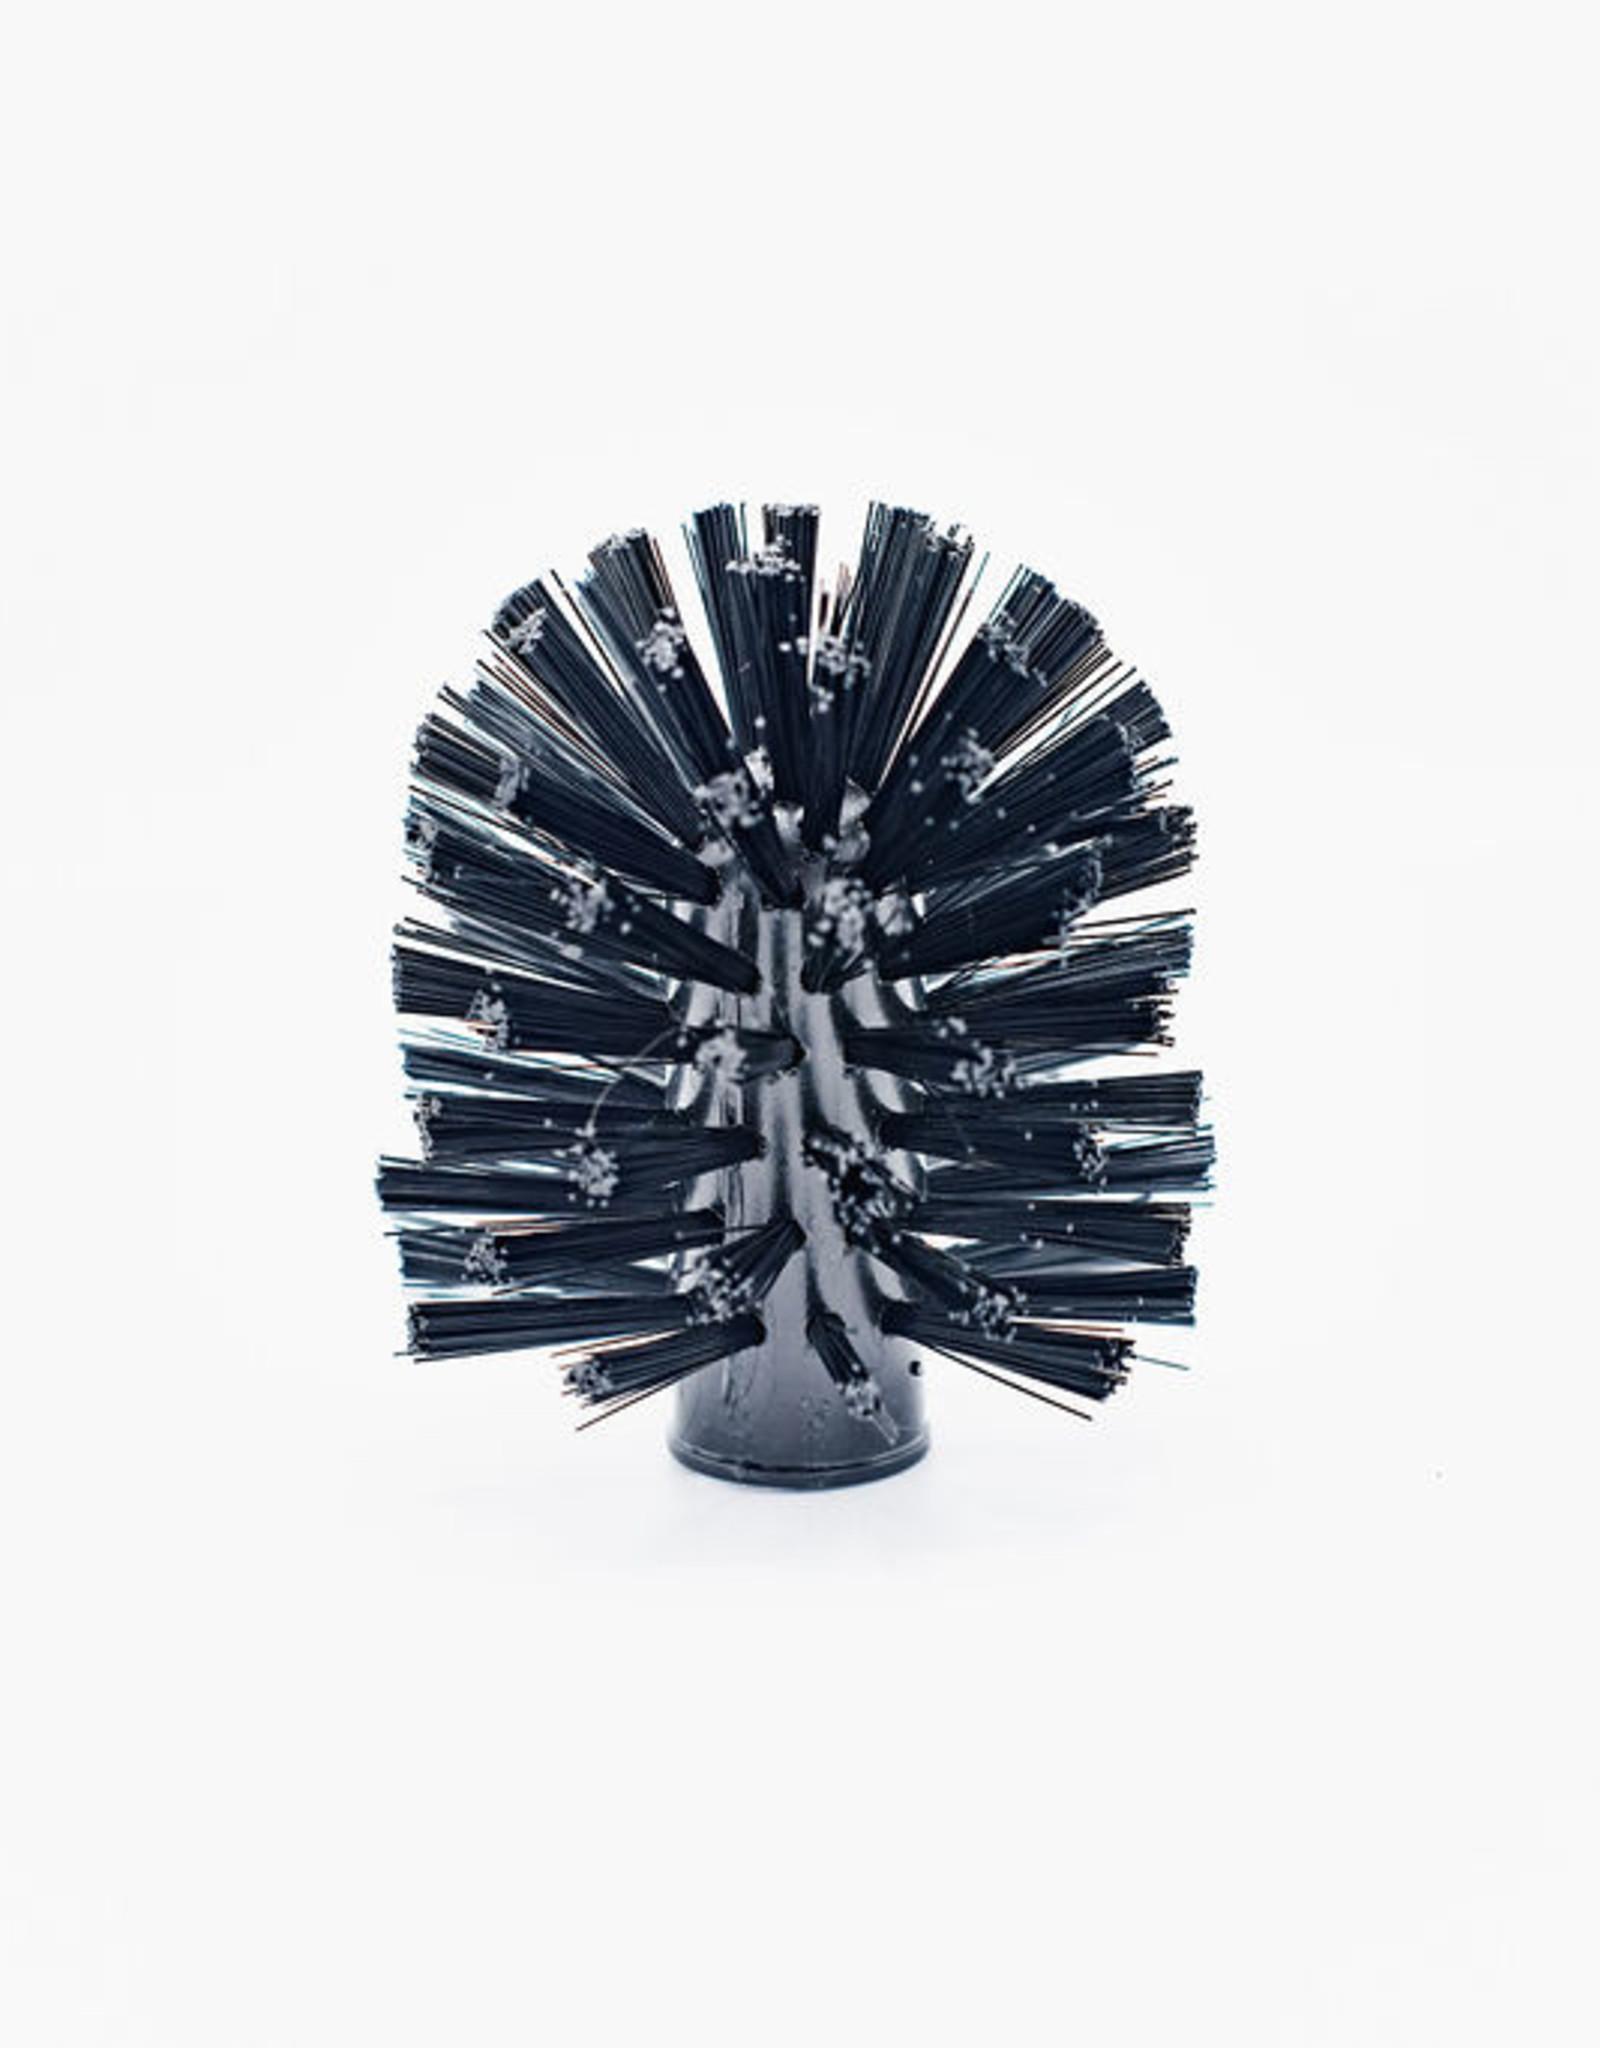 Redecker Toiletbrush with sink design